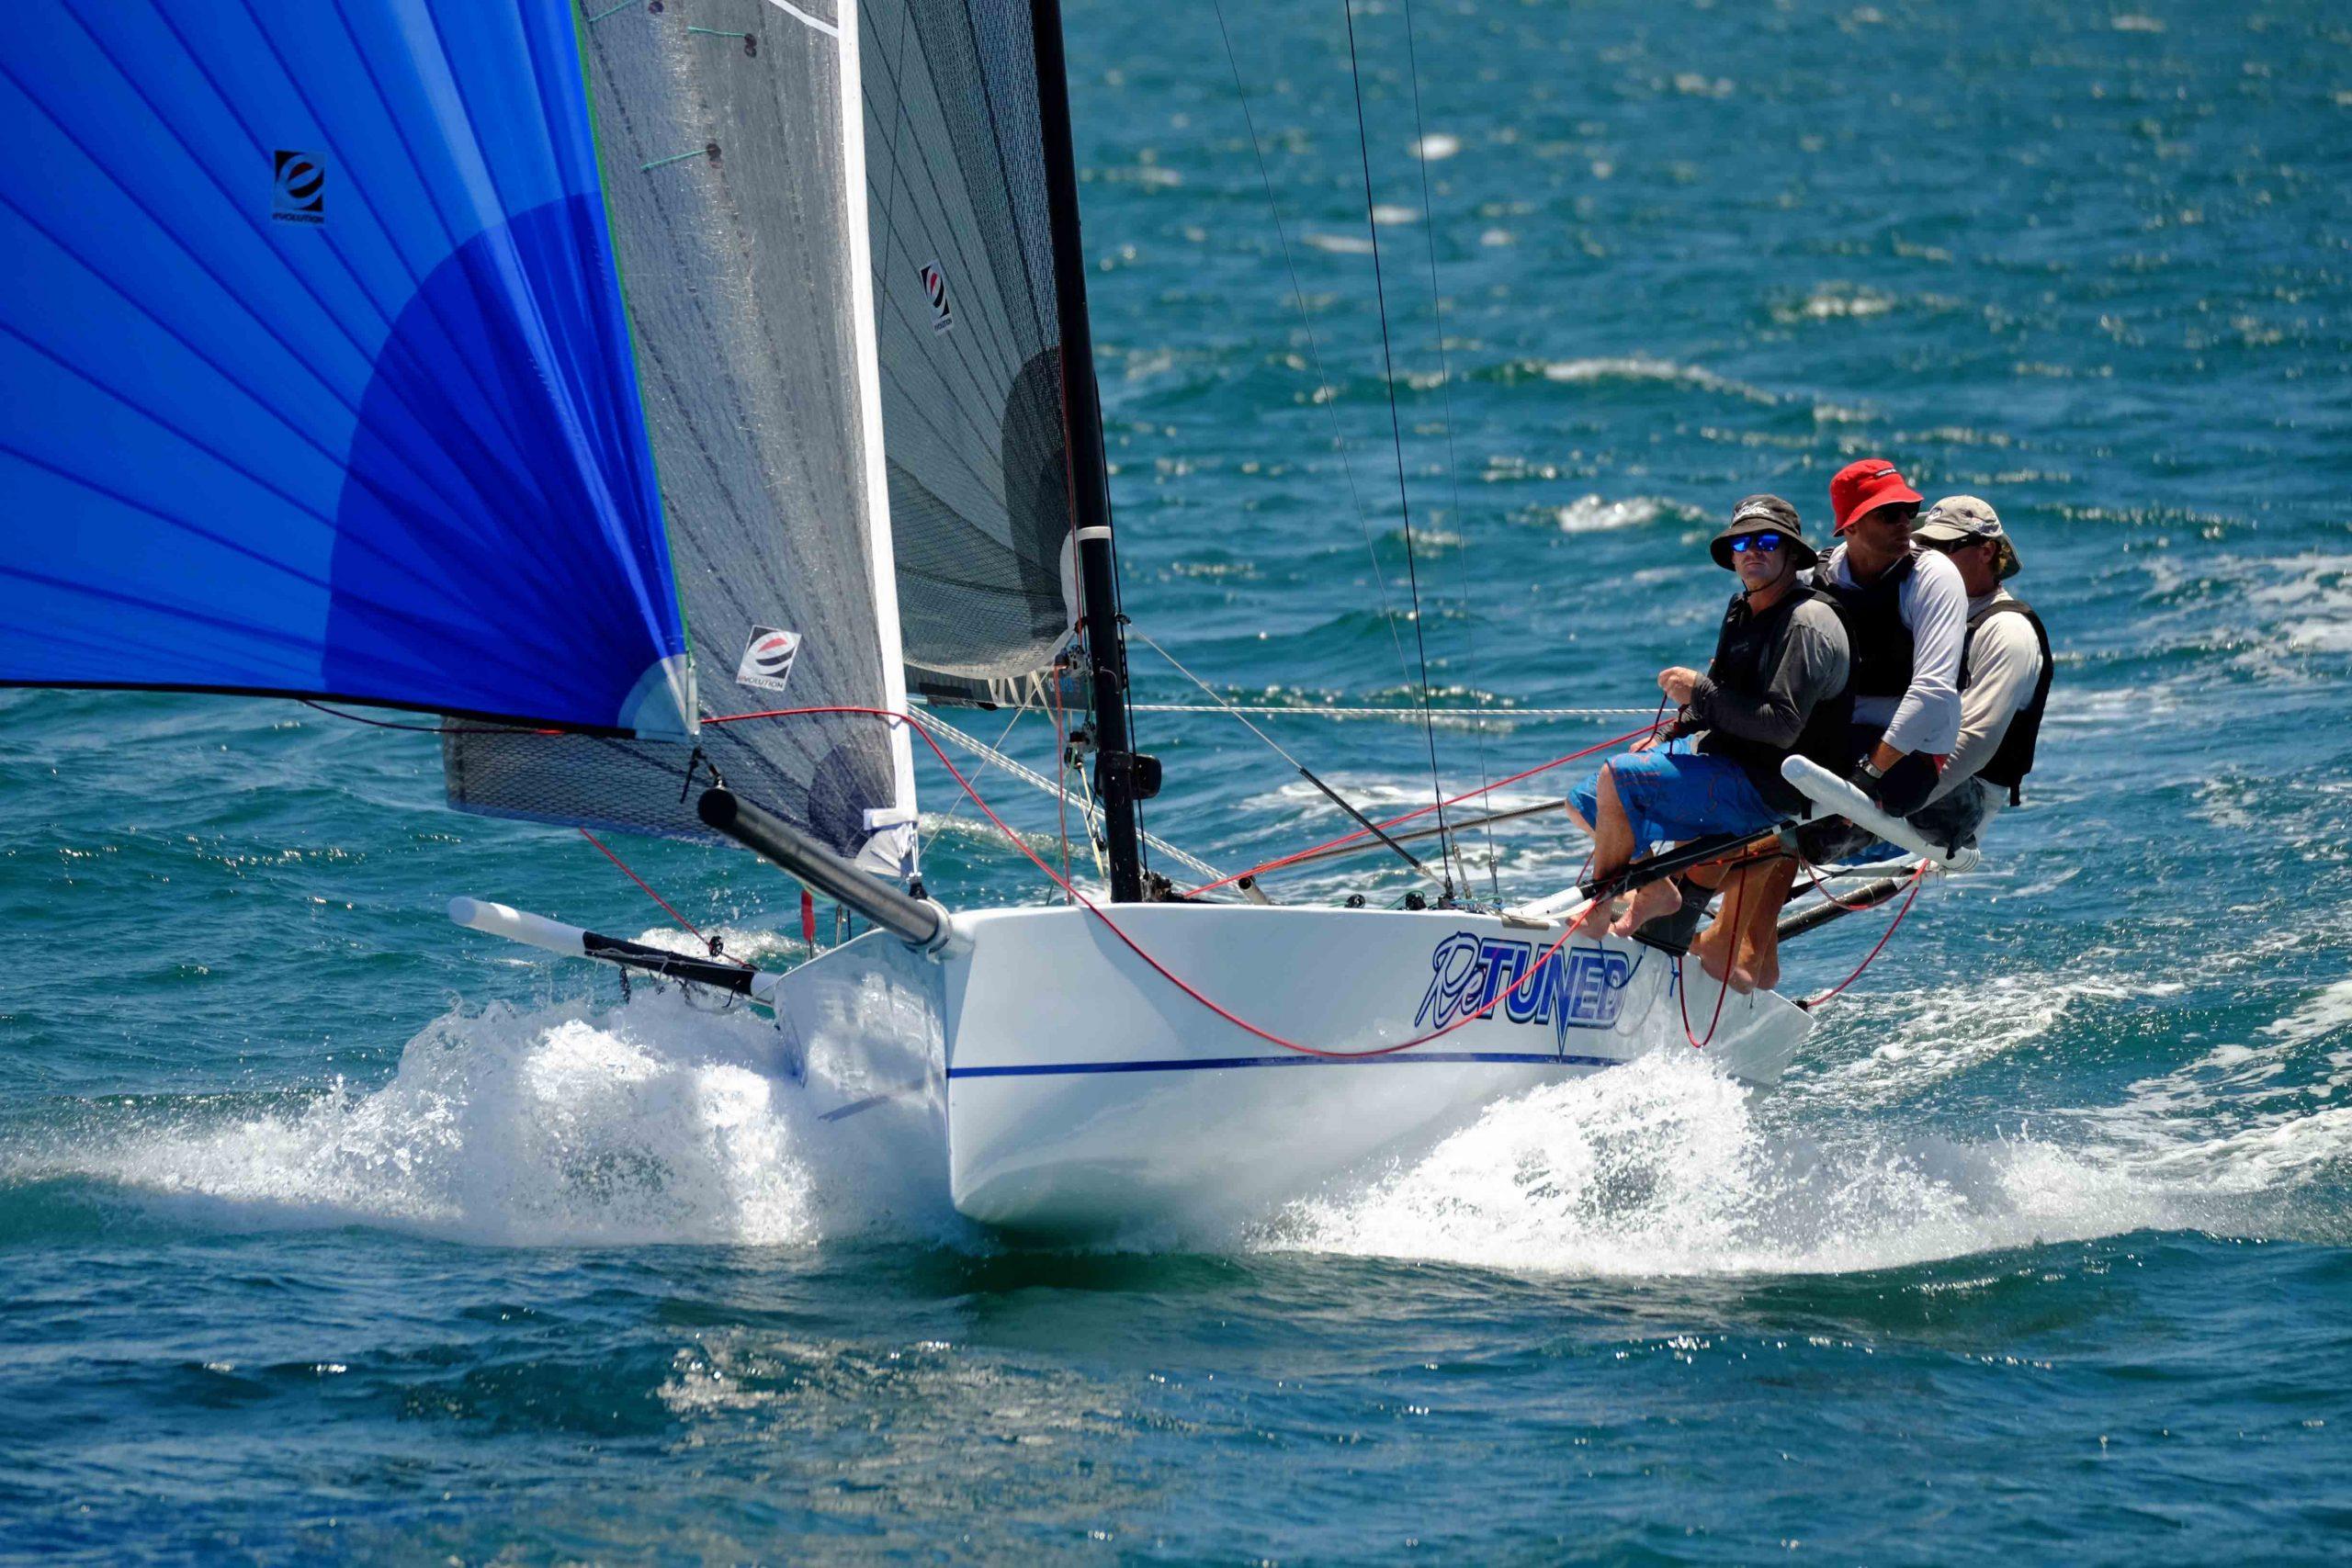 Sports boats championship at Sail Paradise. Photo SYC.